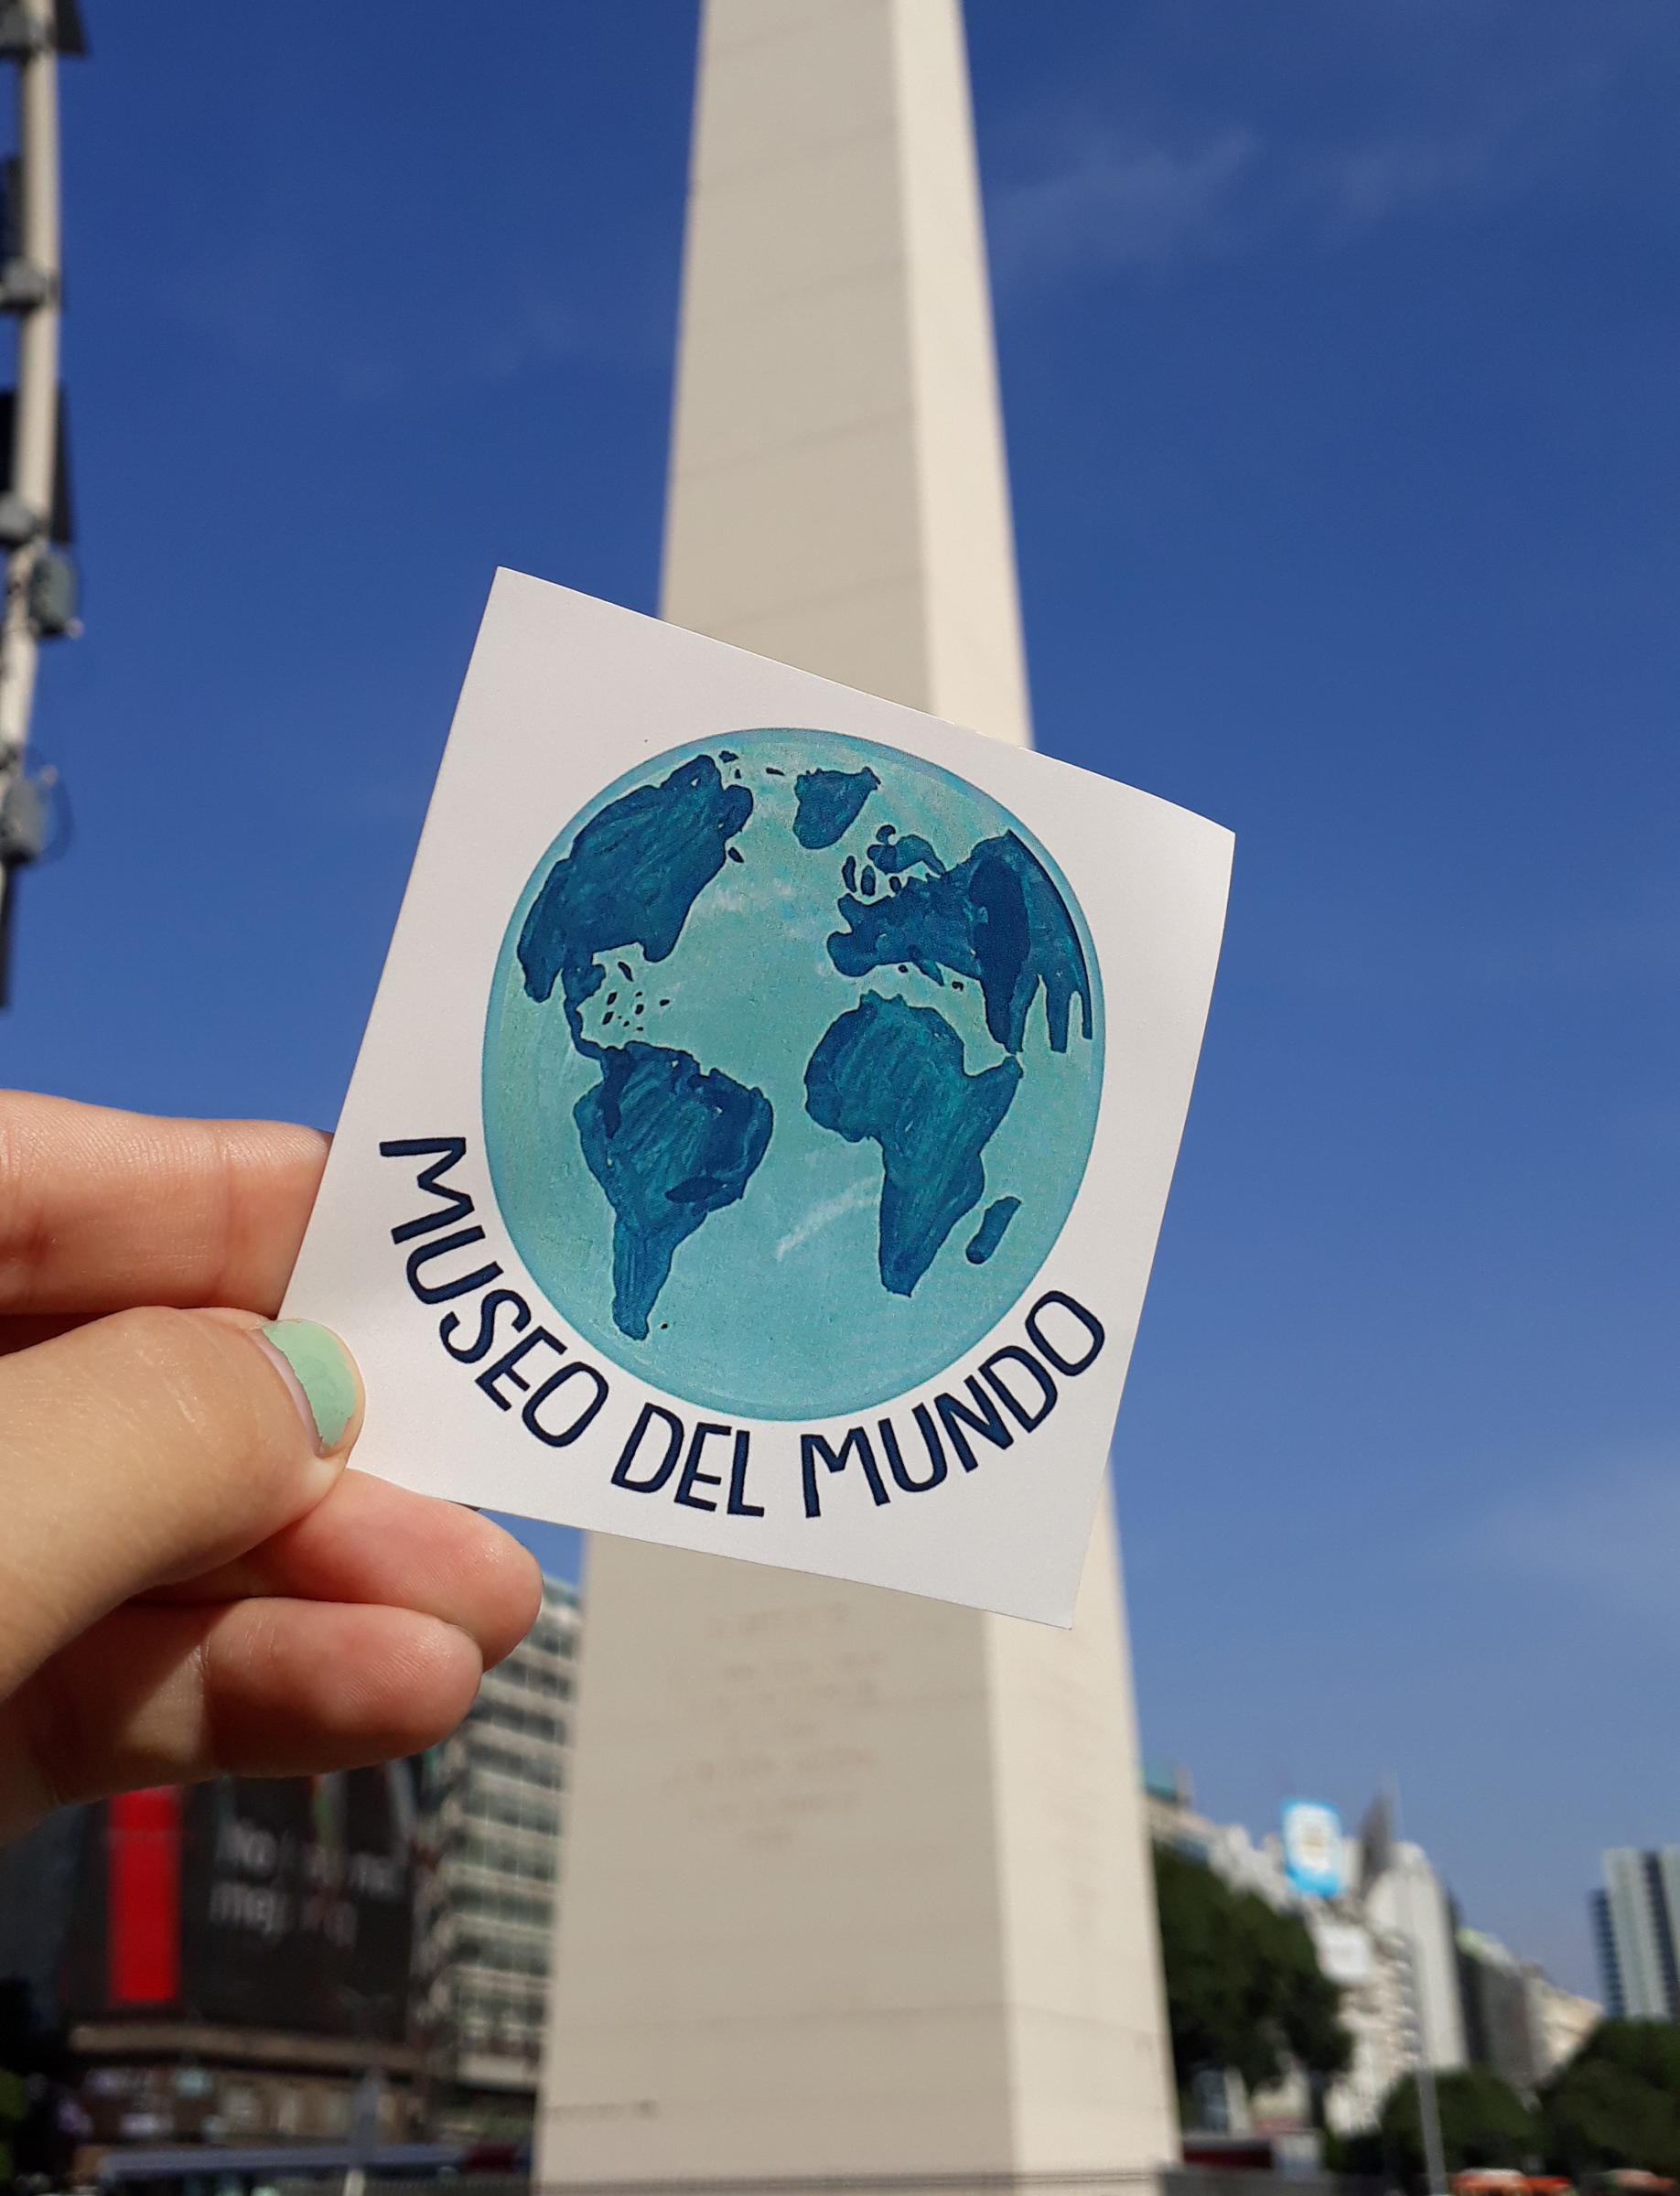 Museo del Mundo en Argentina